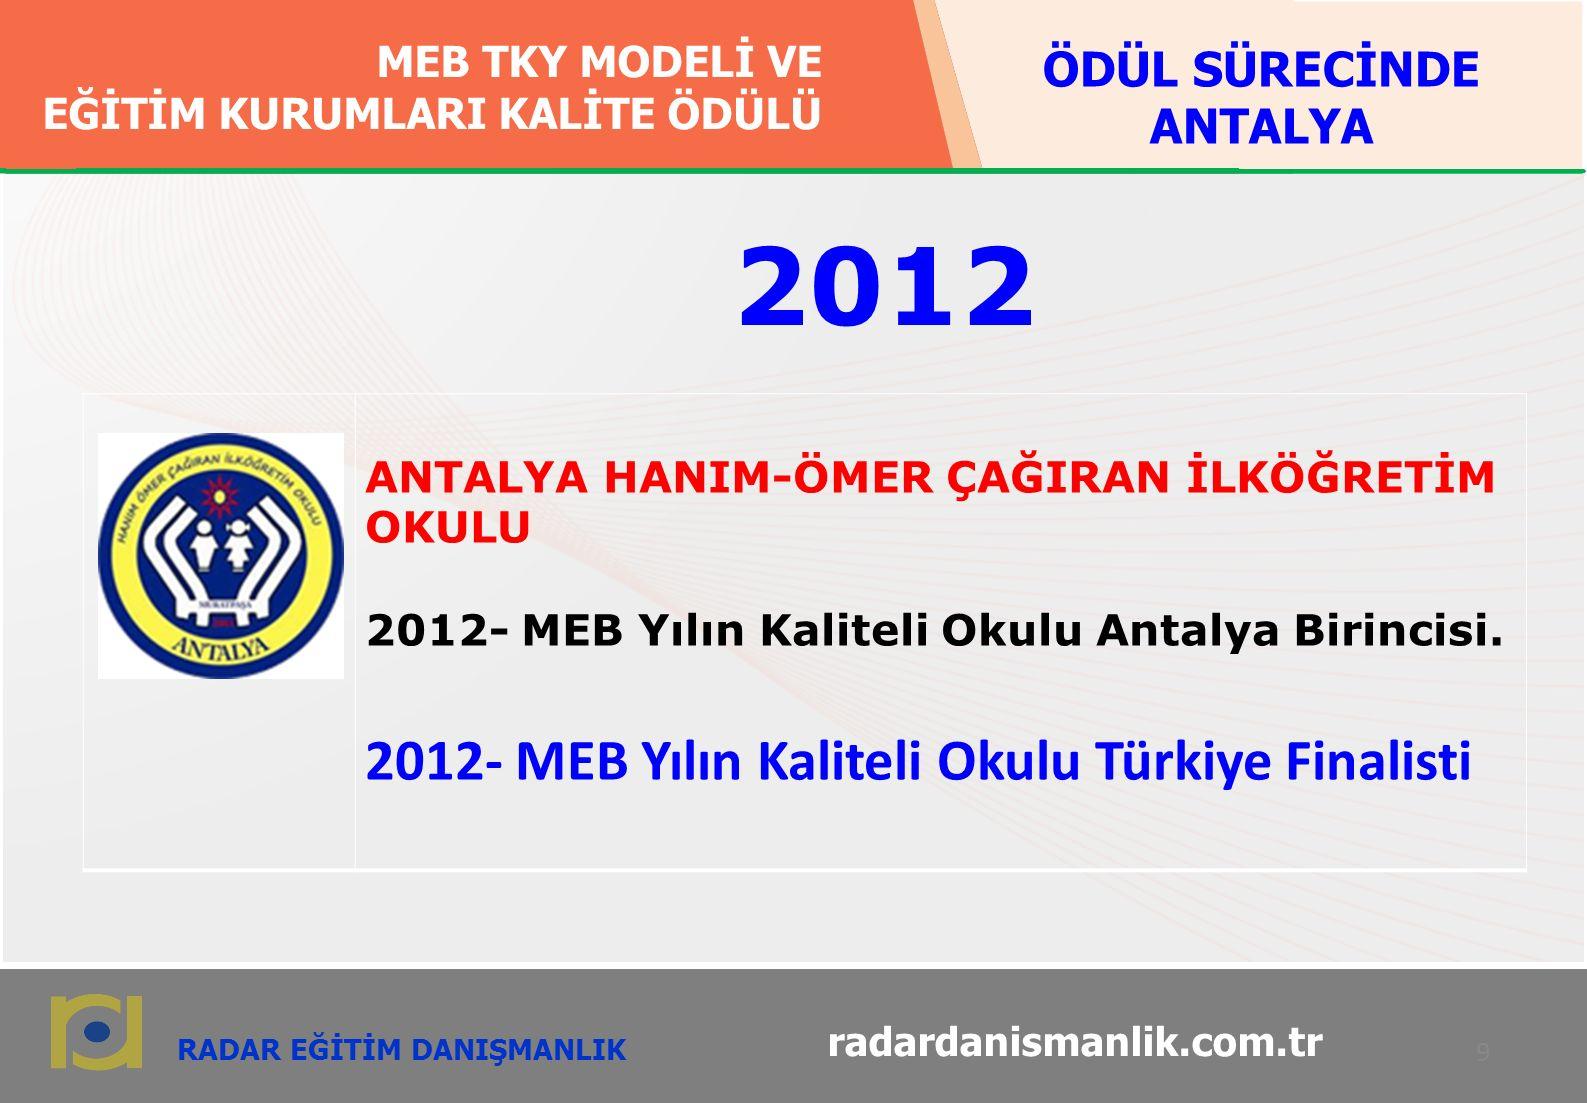 RADAR EĞİTİM DANIŞMANLIK MEB TKY MODELİ VE EĞİTİM KURUMLARI KALİTE ÖDÜLÜ MEB TKY MODELİ VE EĞİTİM KURUMLARI KALİTE ÖDÜLÜ 10 radardanismanlik.com.tr ANTALYA HANIM-ÖMER ÇAĞIRAN İLKÖĞRETİM OKULU 2013- MEB Yılın Kaliteli Okulu Antalya Birincisi.